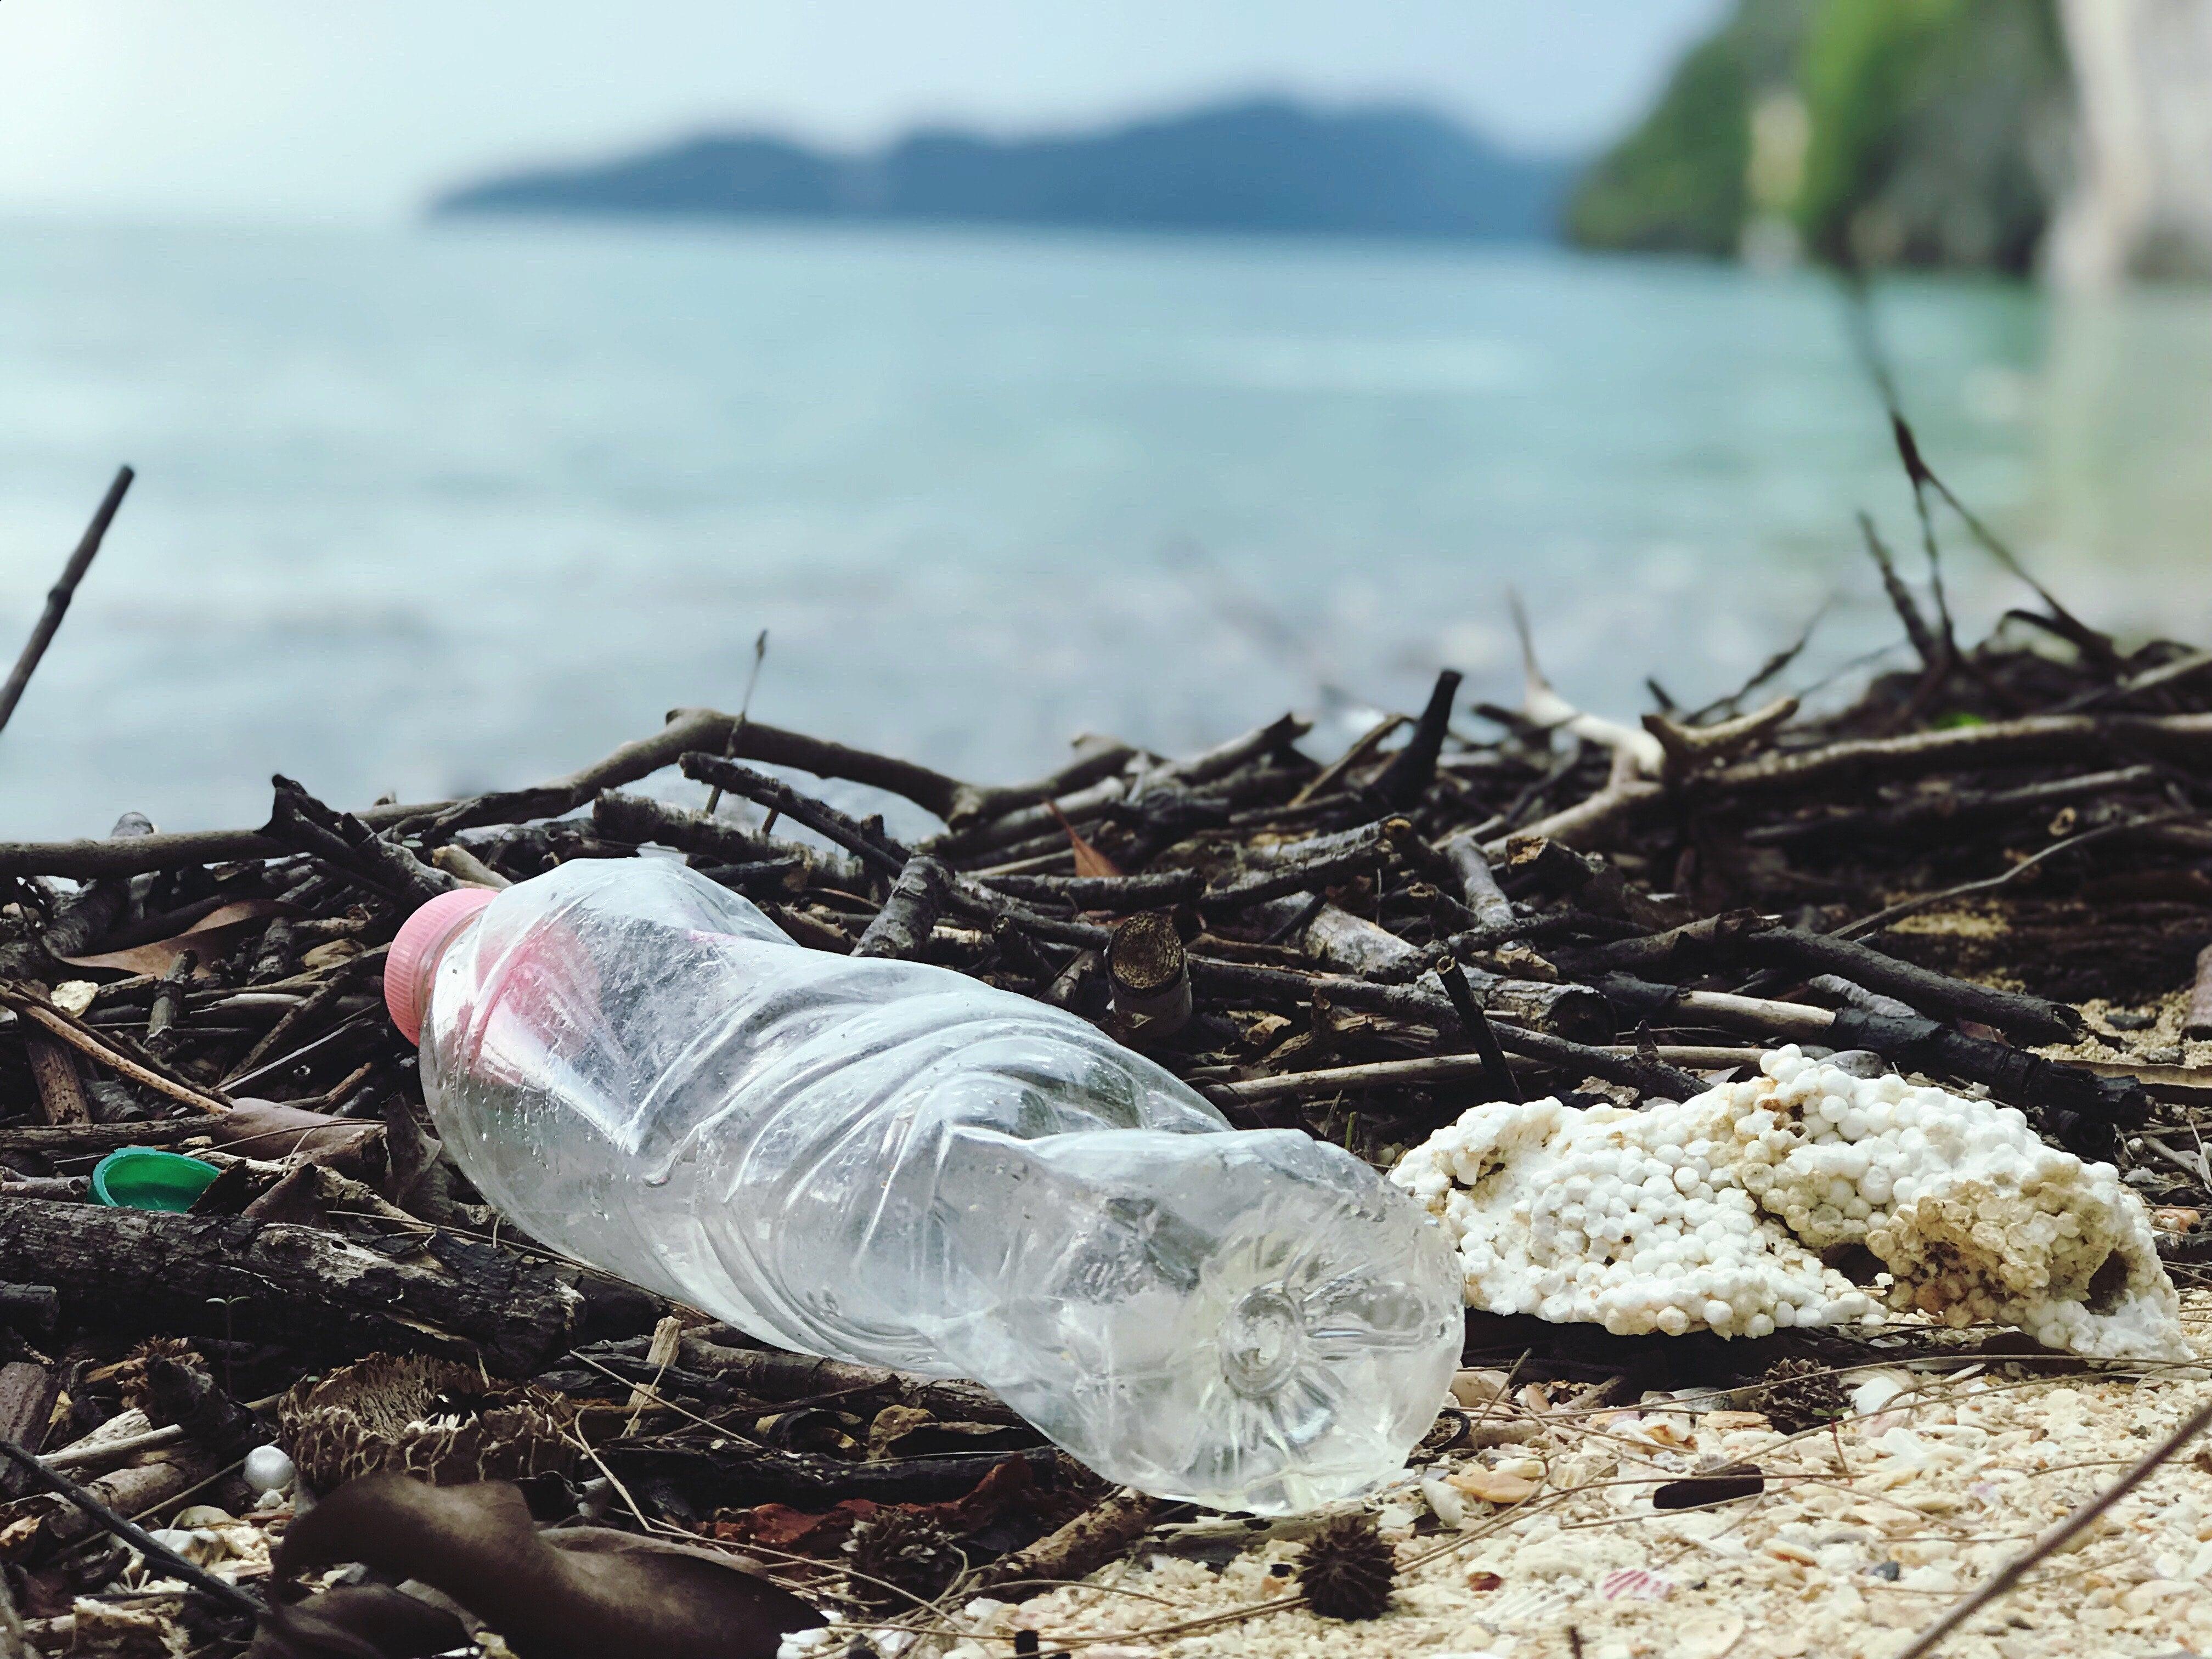 plastikkflaske som forurenser havet